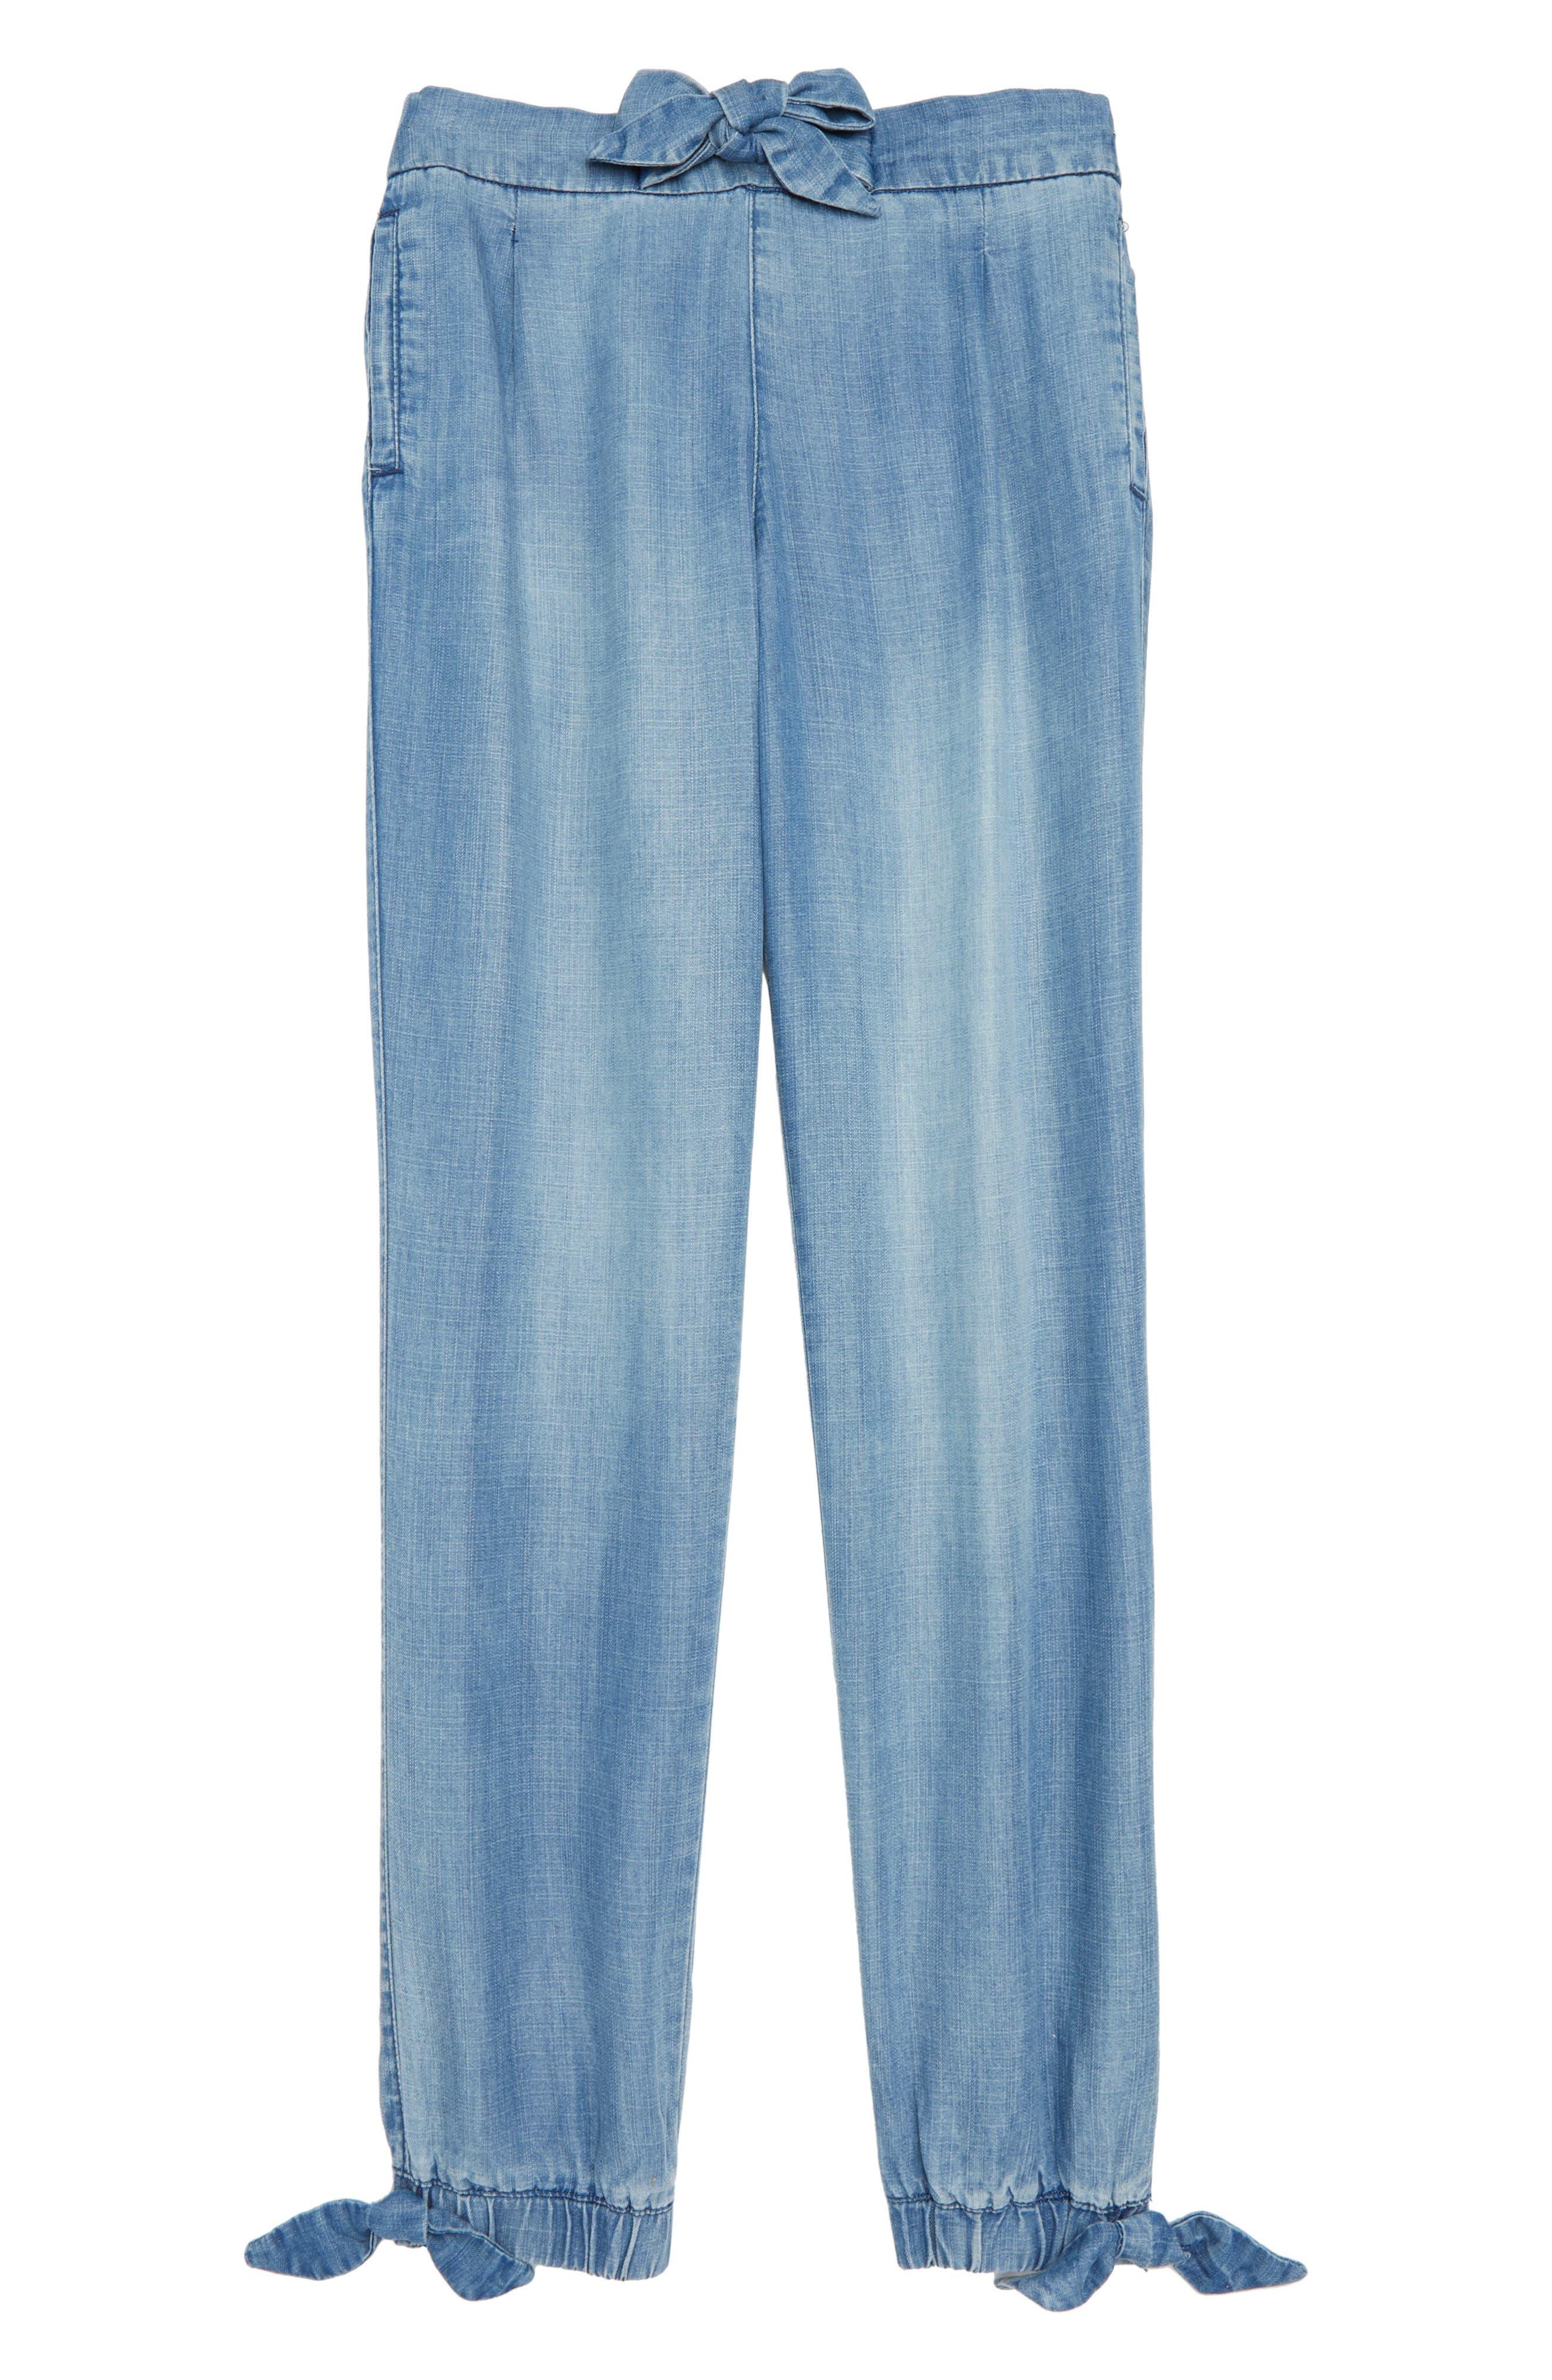 Chambray Jogger Pants,                         Main,                         color, 407